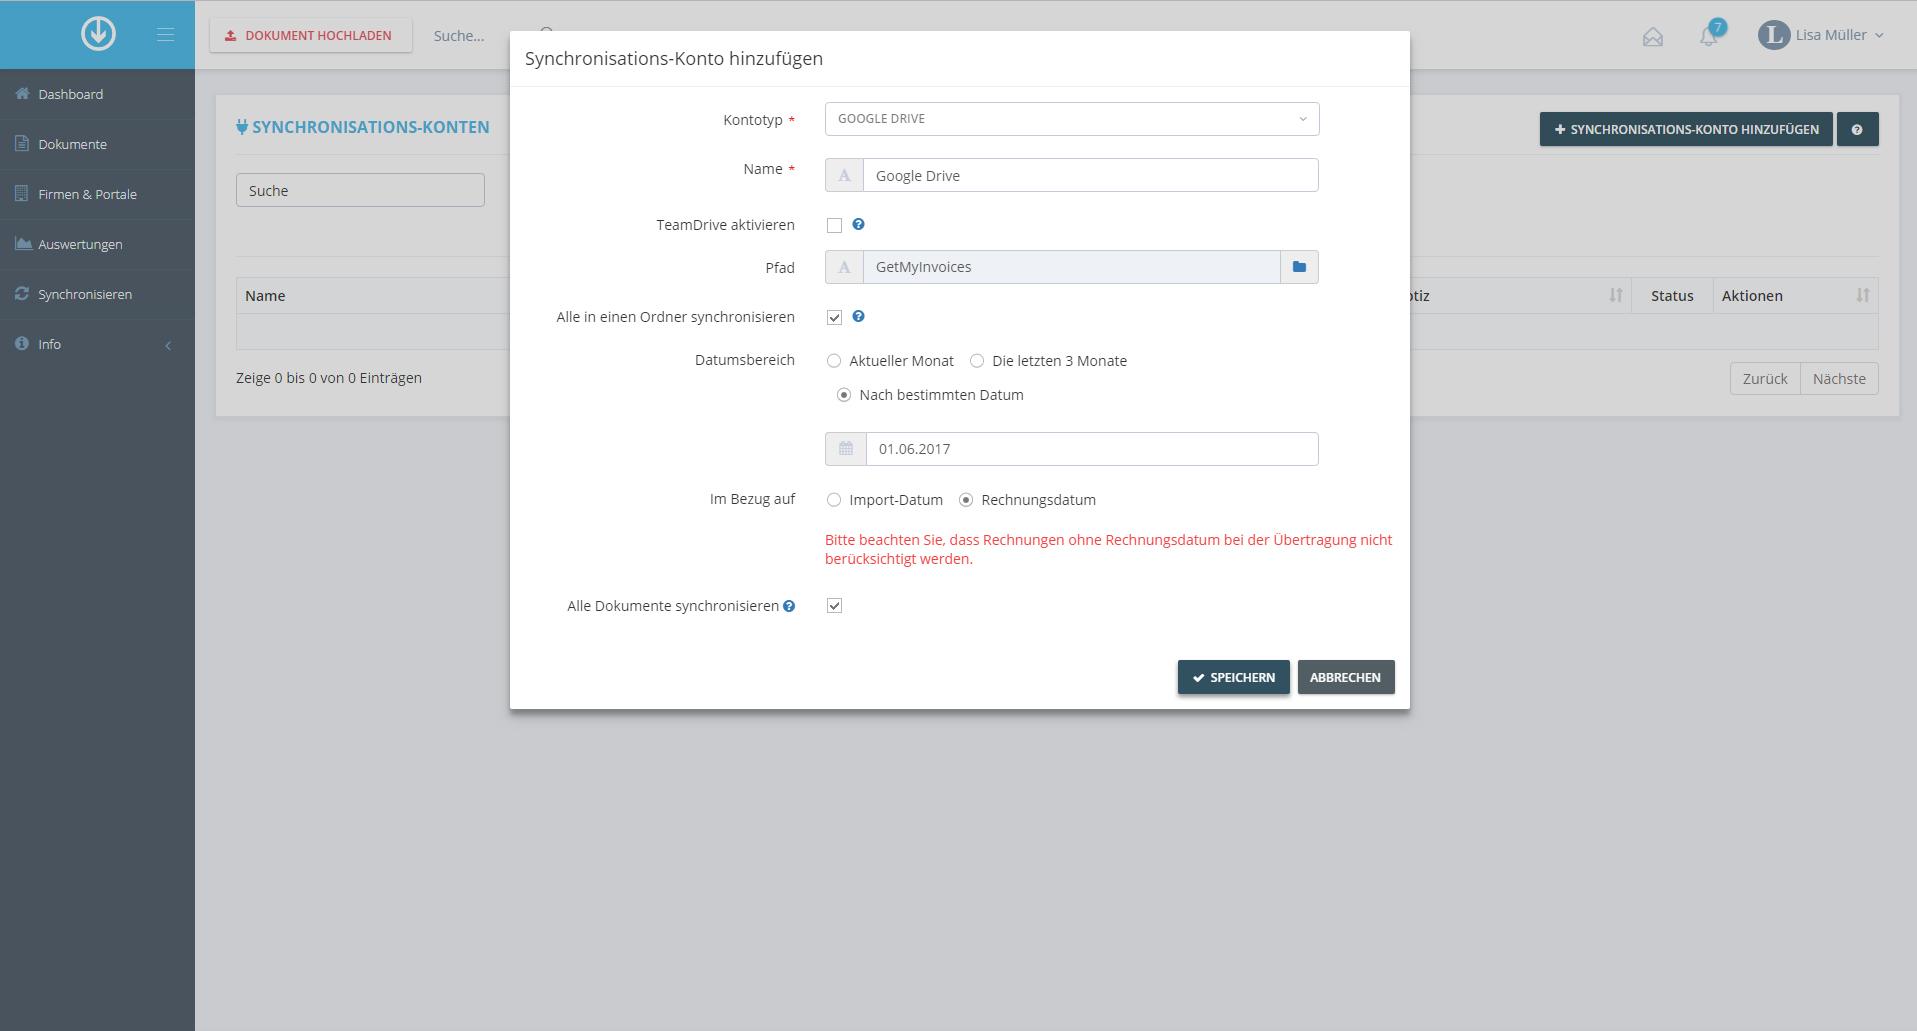 4. Dokumentenexport: Synchronisationskonto hinzufügen